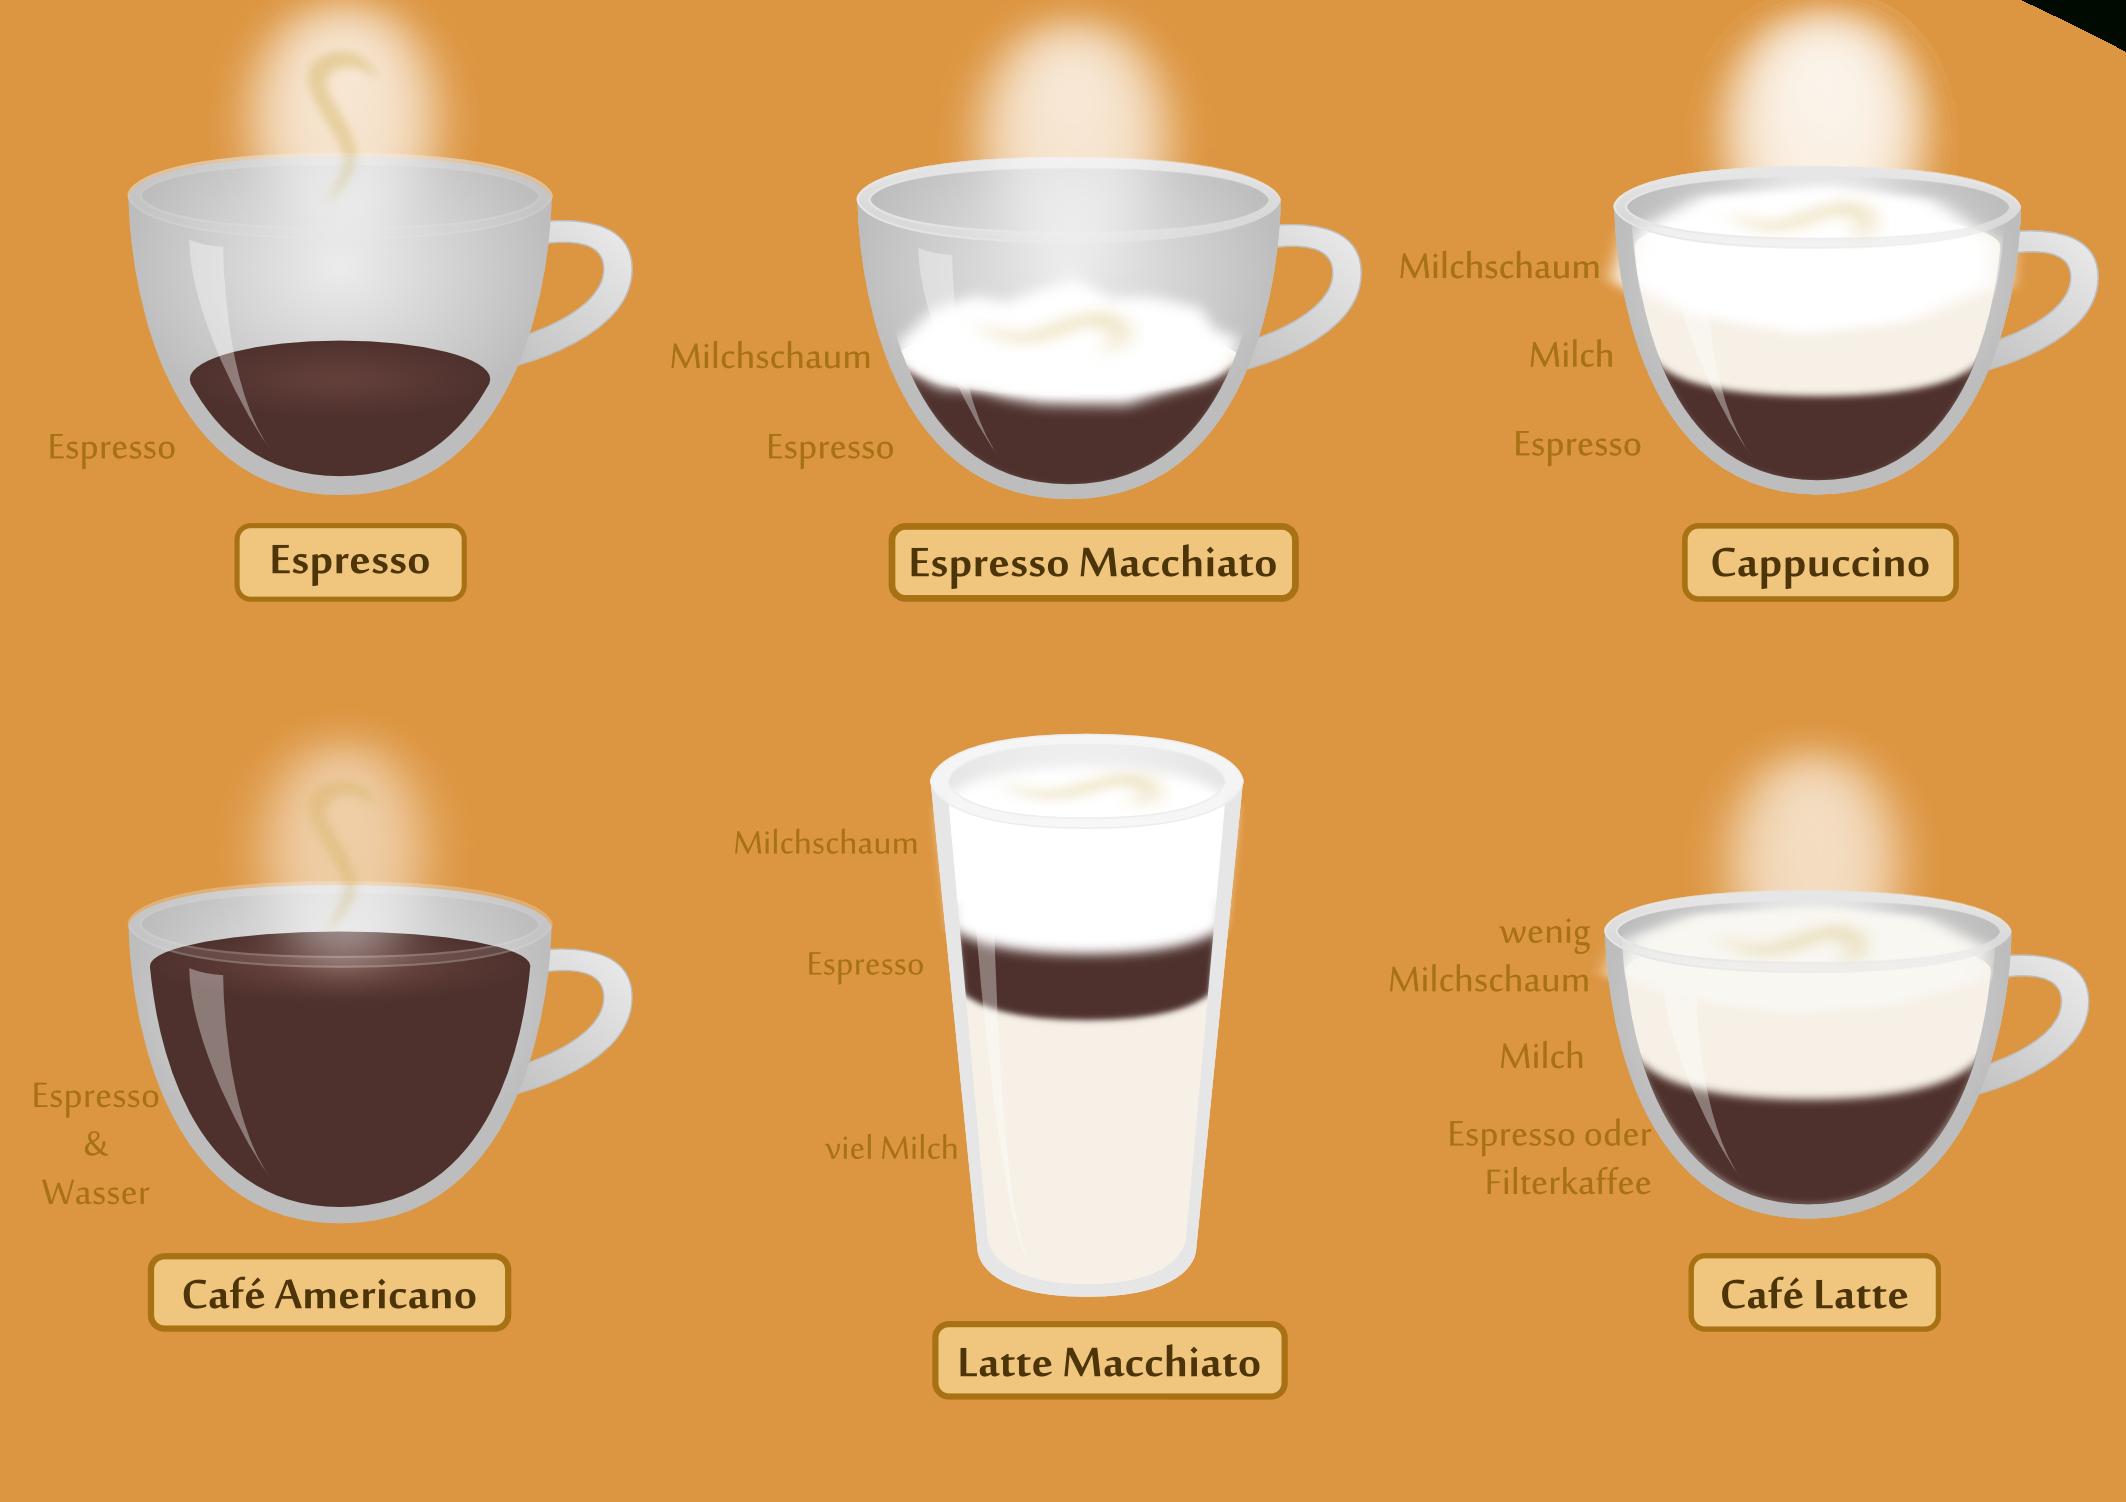 Milchschaum Perfekt Zubereiten Mit Dem Richtigen bestimmt für Unterschied Latte Macchiato Und Cappuccino